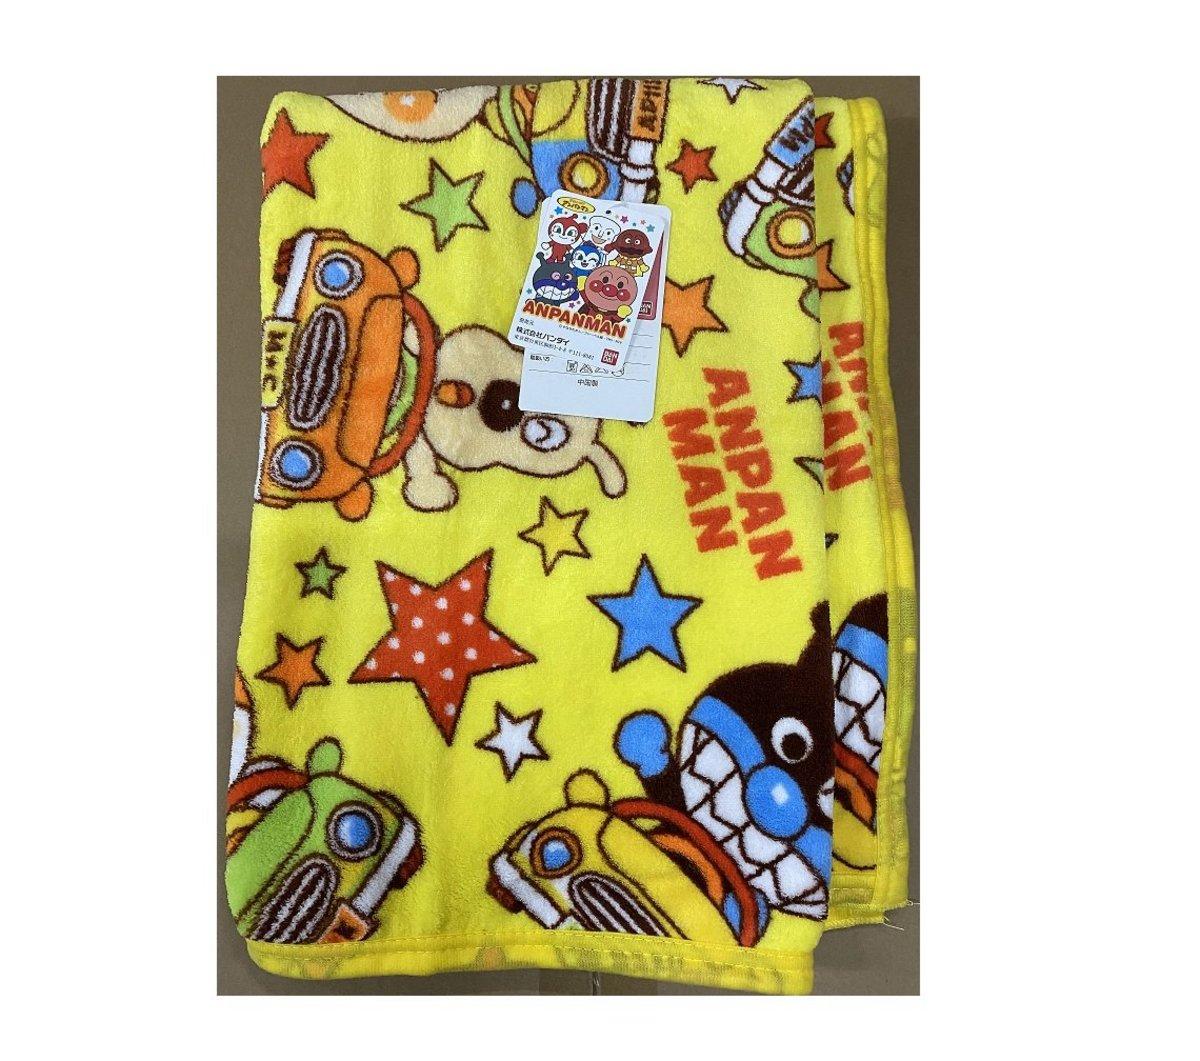 Bandai 麵包超人 毯 (黃色)